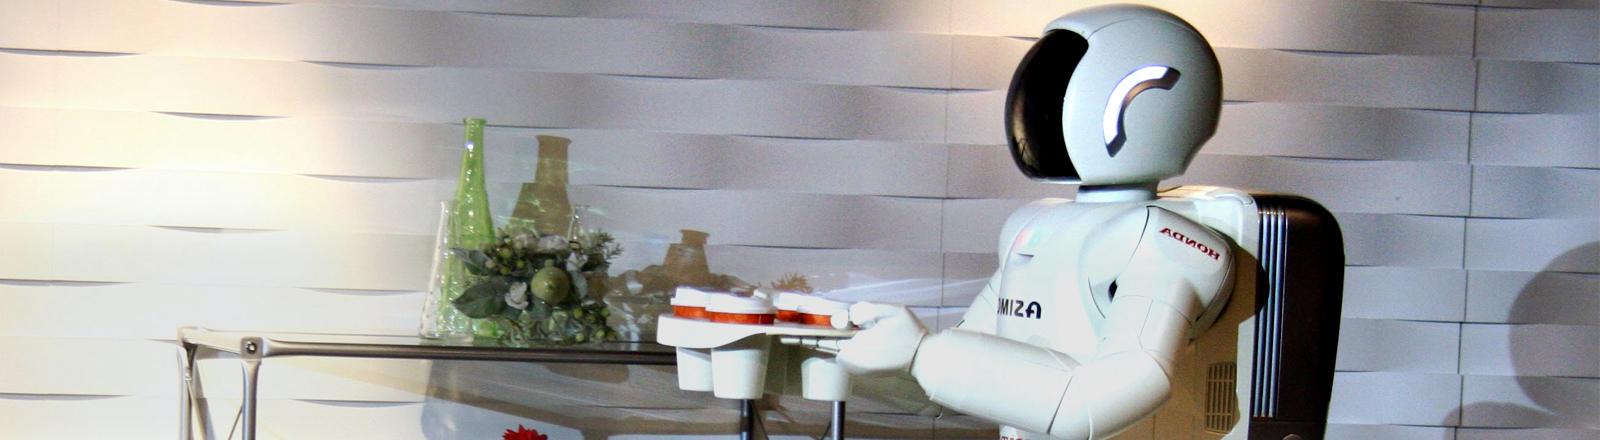 Ein dem Menschen nachempfundener Roboter serviert vier Becher Kaffee in einer Tragevorrichtung, Bild: dpa